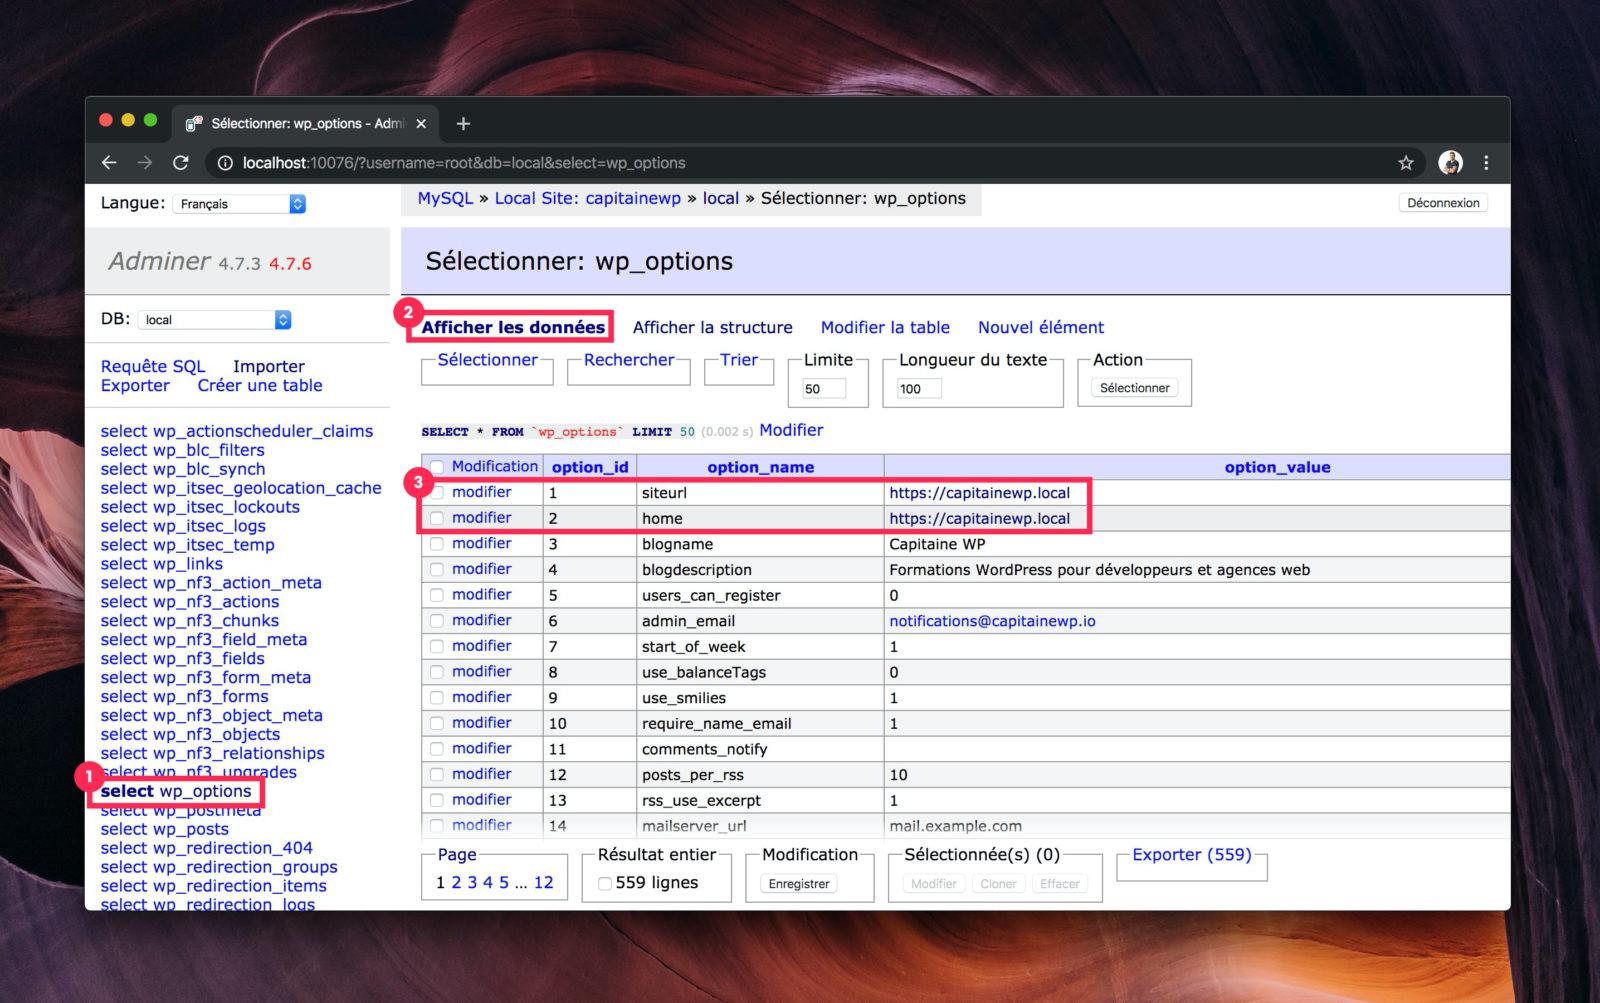 L'interface d'affichage des données d'Adminer